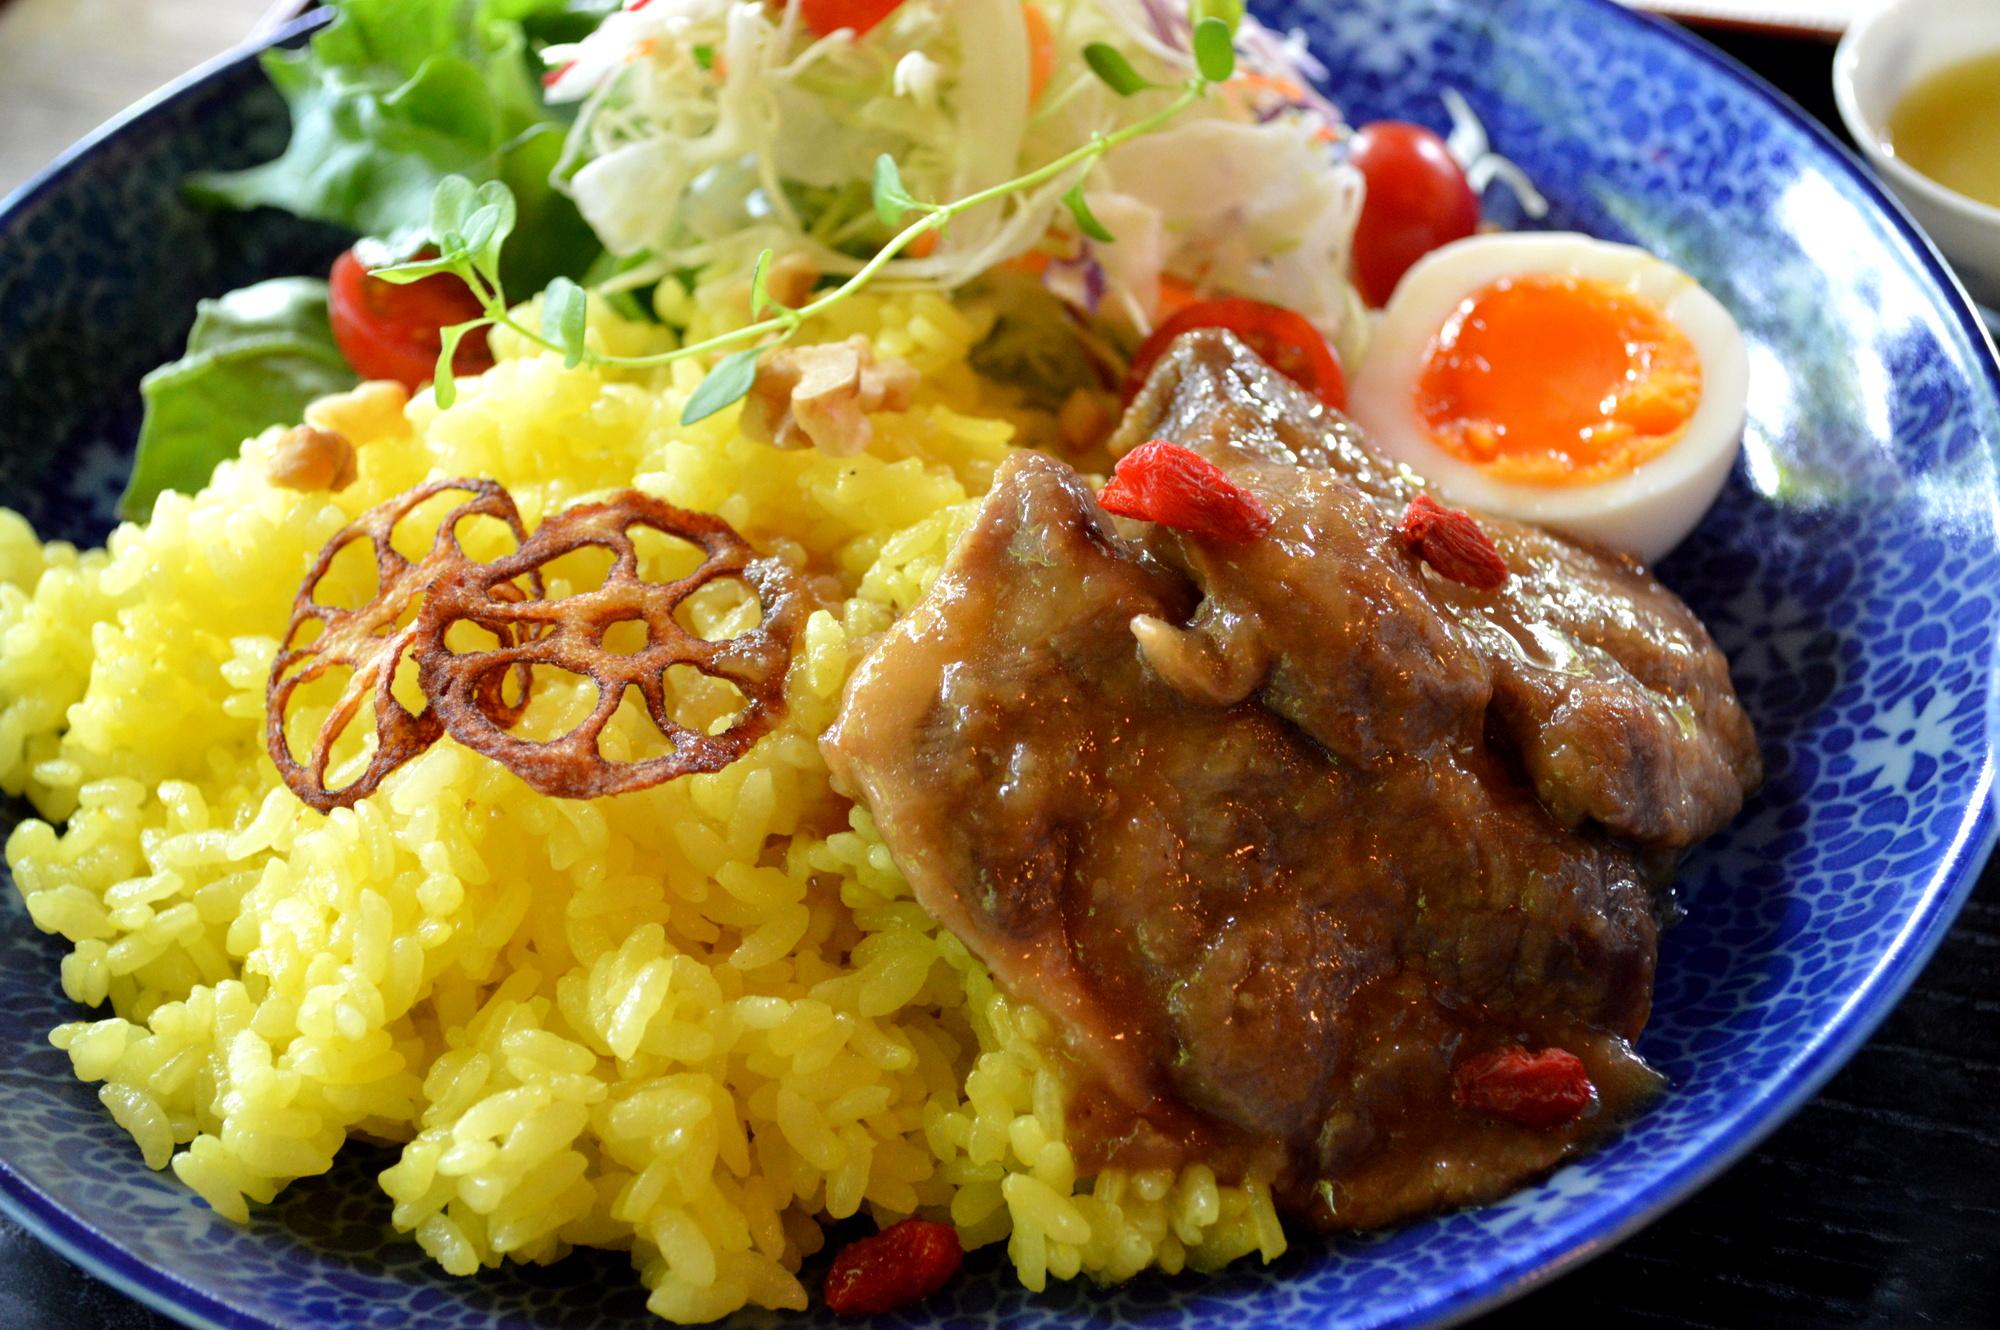 那須のカフェ楓の豚肉ランチ